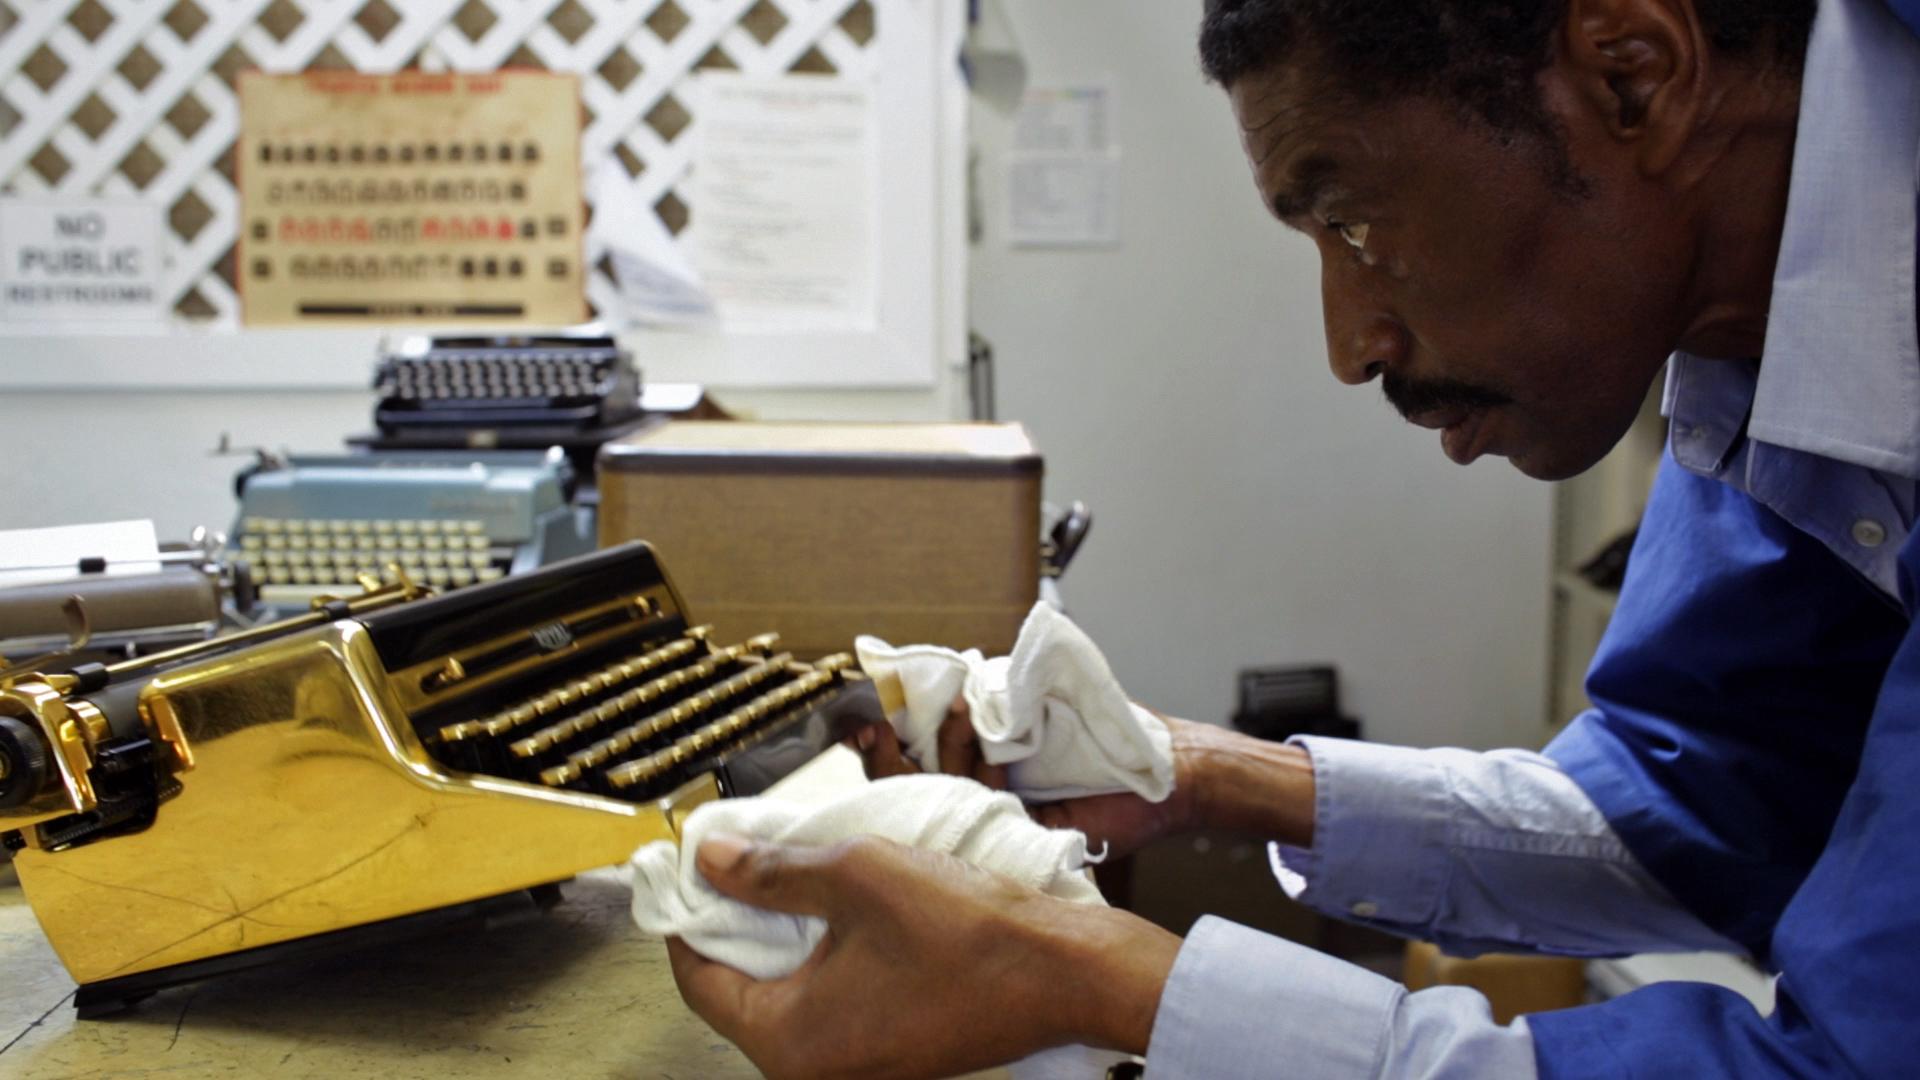 California Typewriter repairman Ken Alexander at work